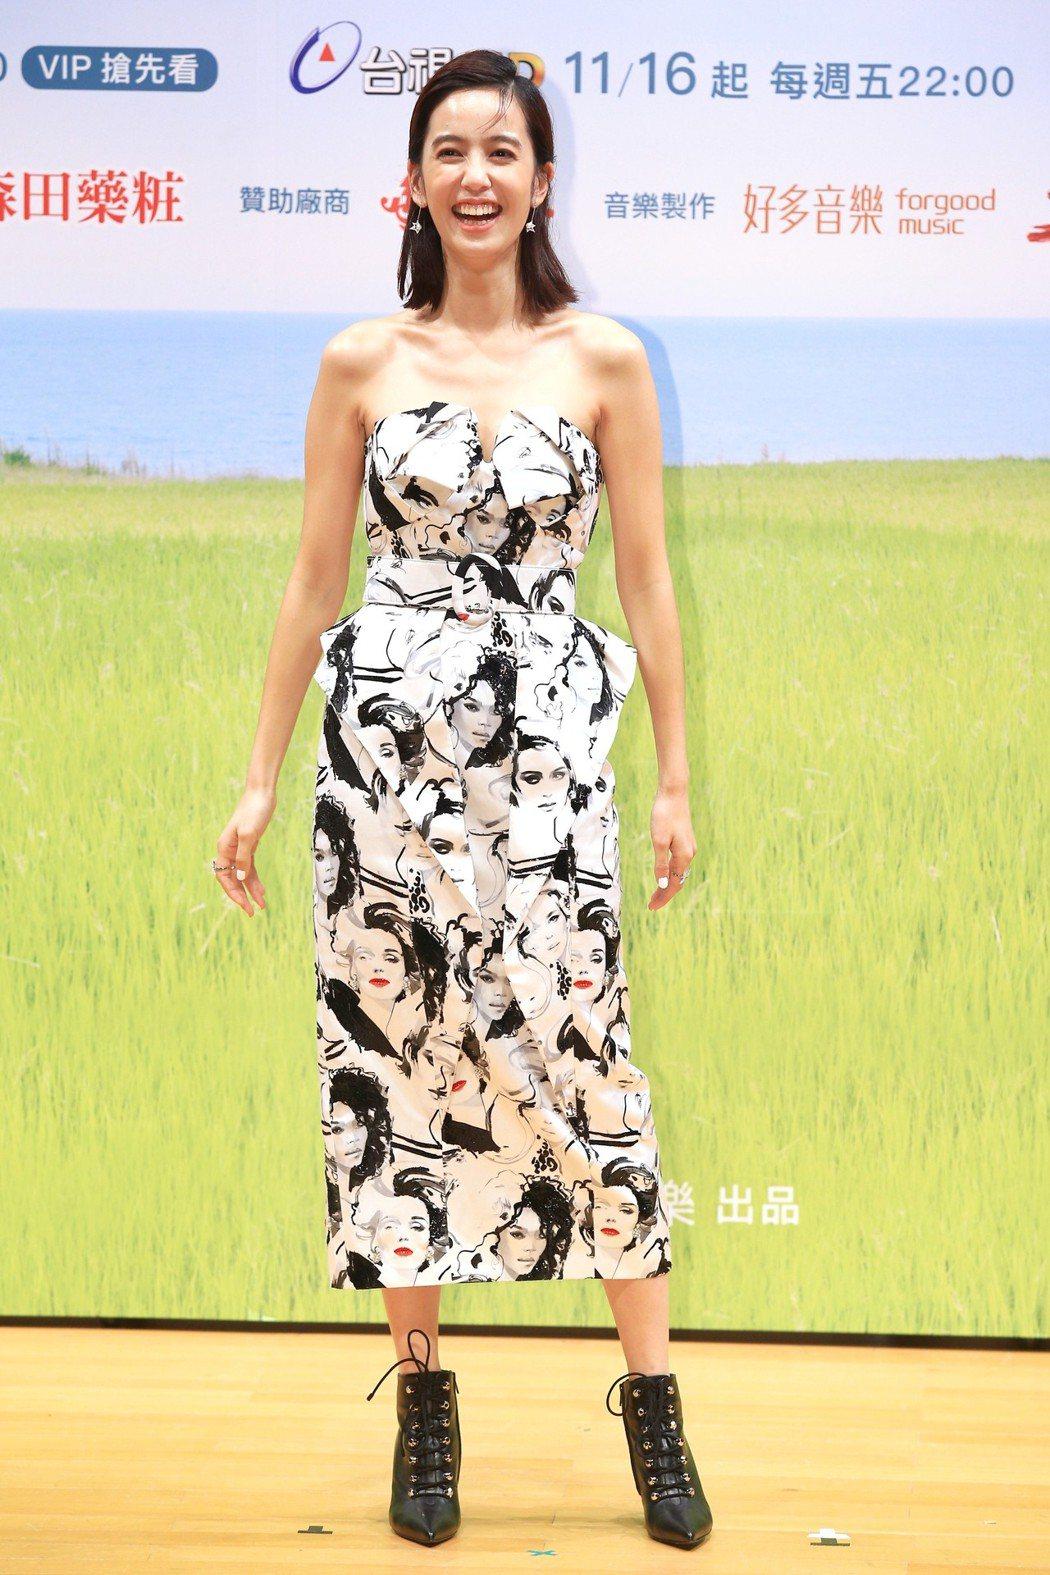 《種菜女神》首映發布會,主要演員陳庭妮出席宣傳。記者林伯東/攝影